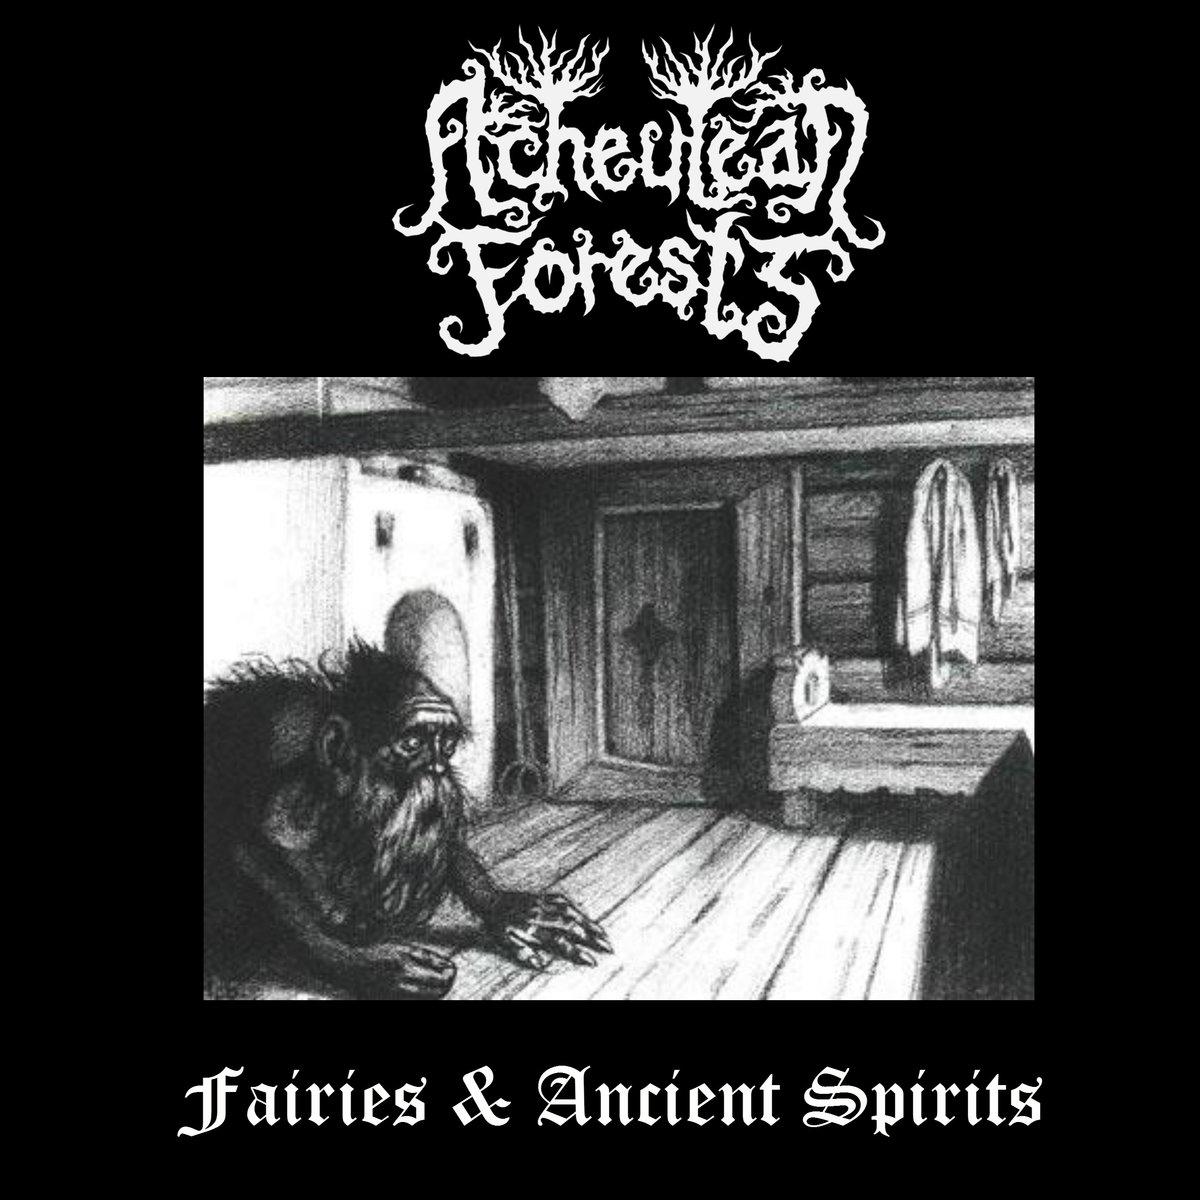 Fairies & Ancient Spirits